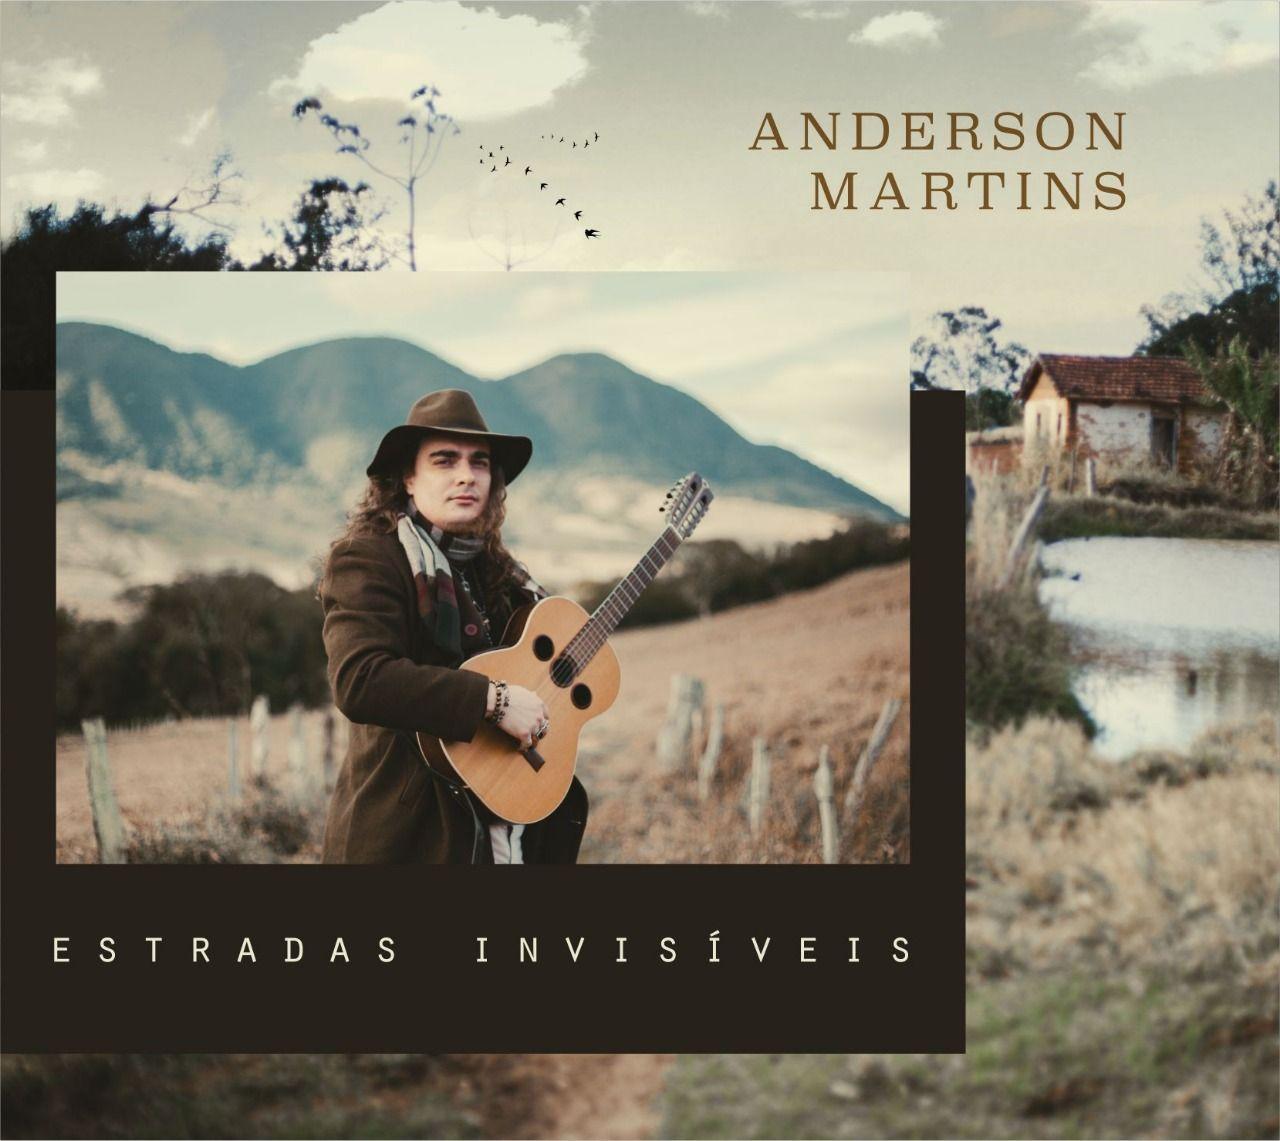 Capa do disco Estradas Invisíveis, segundo trabalho de Anderson Martins